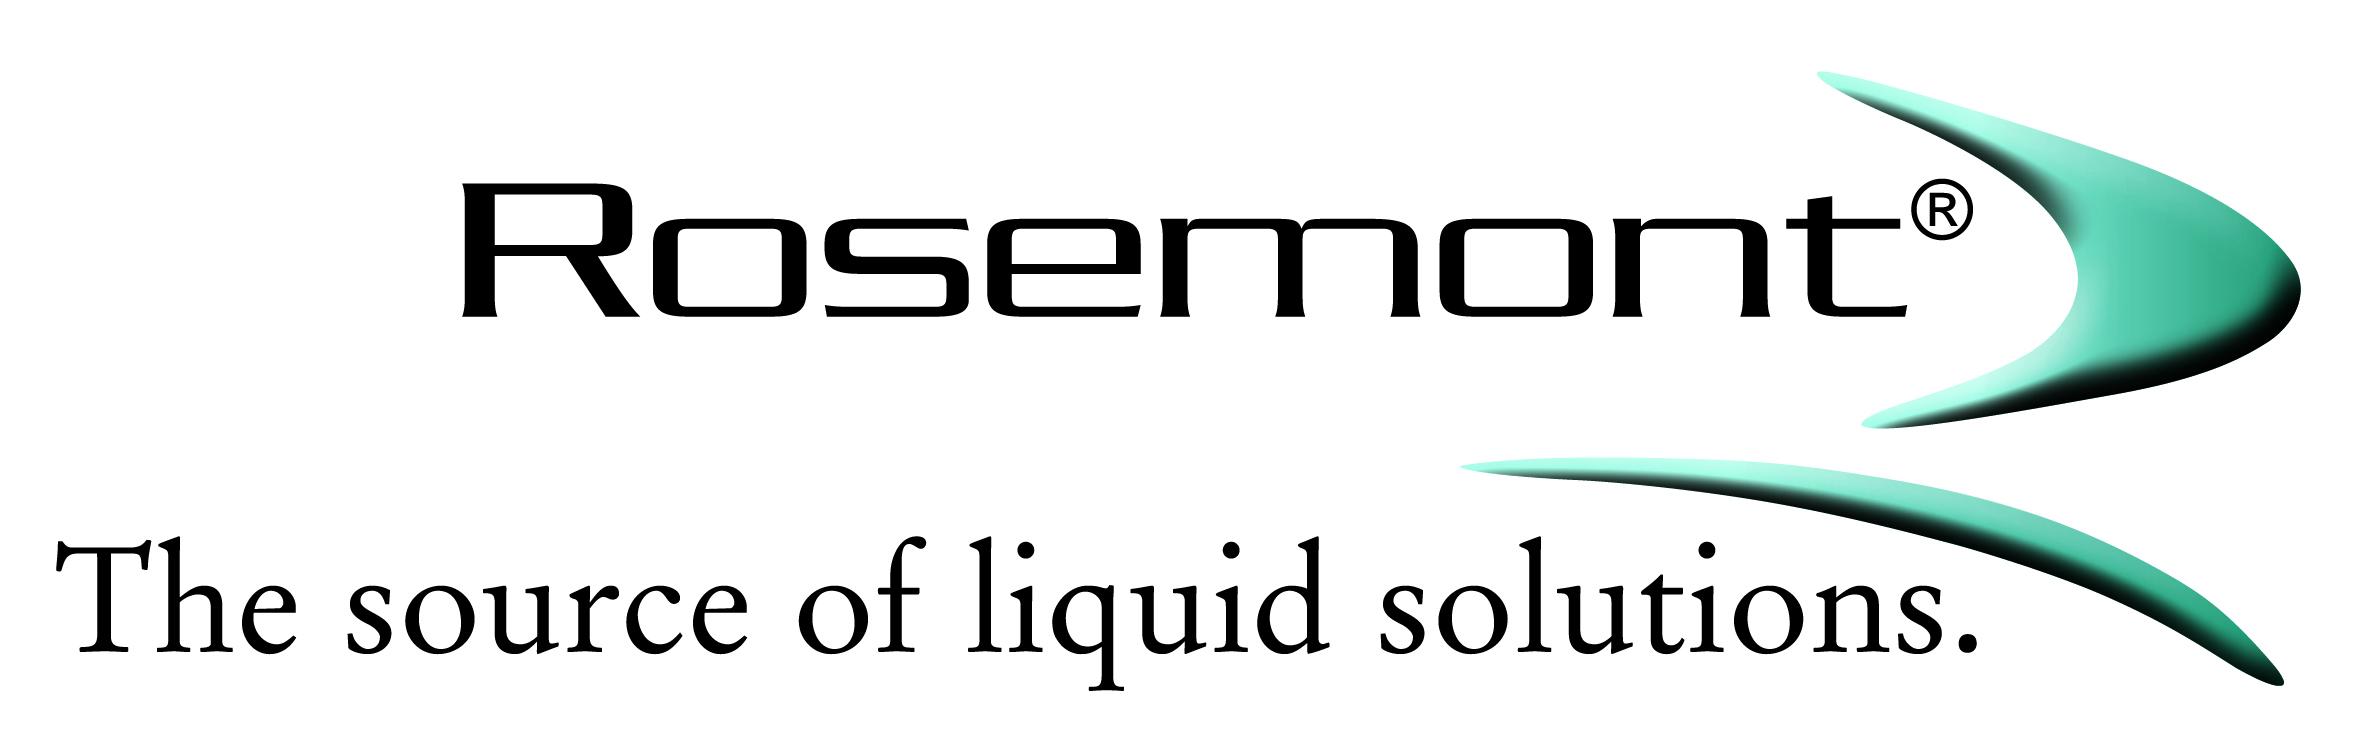 Rosemont Logo.jpg